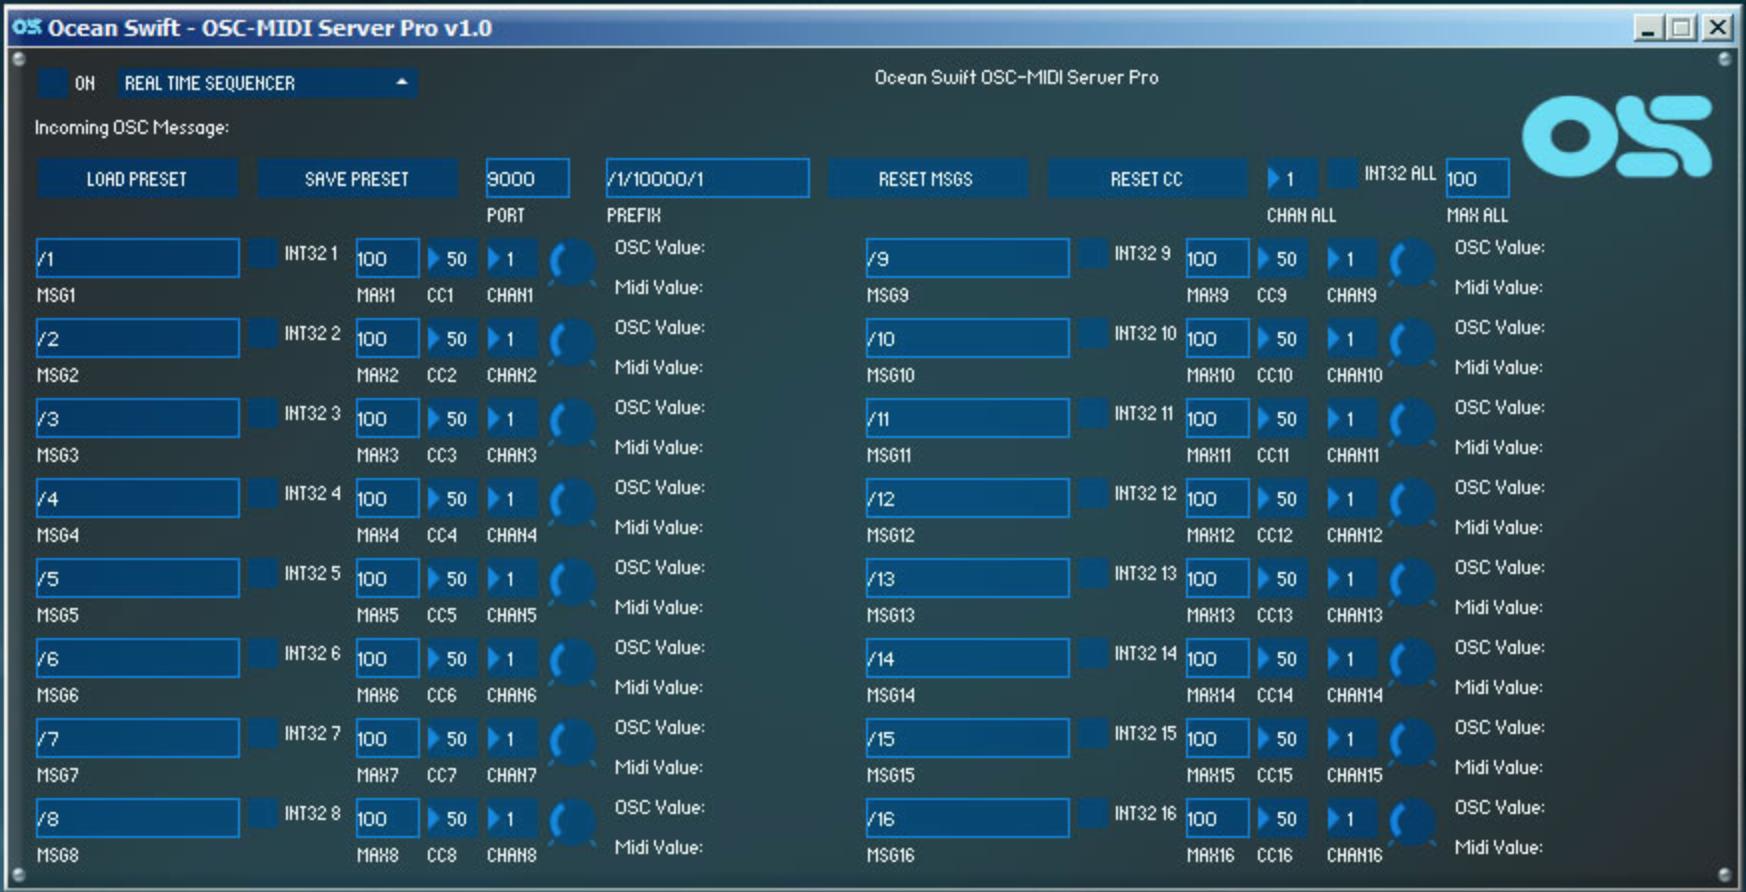 L'OSC Midi Server Pro à 1 € pendant une période limitée